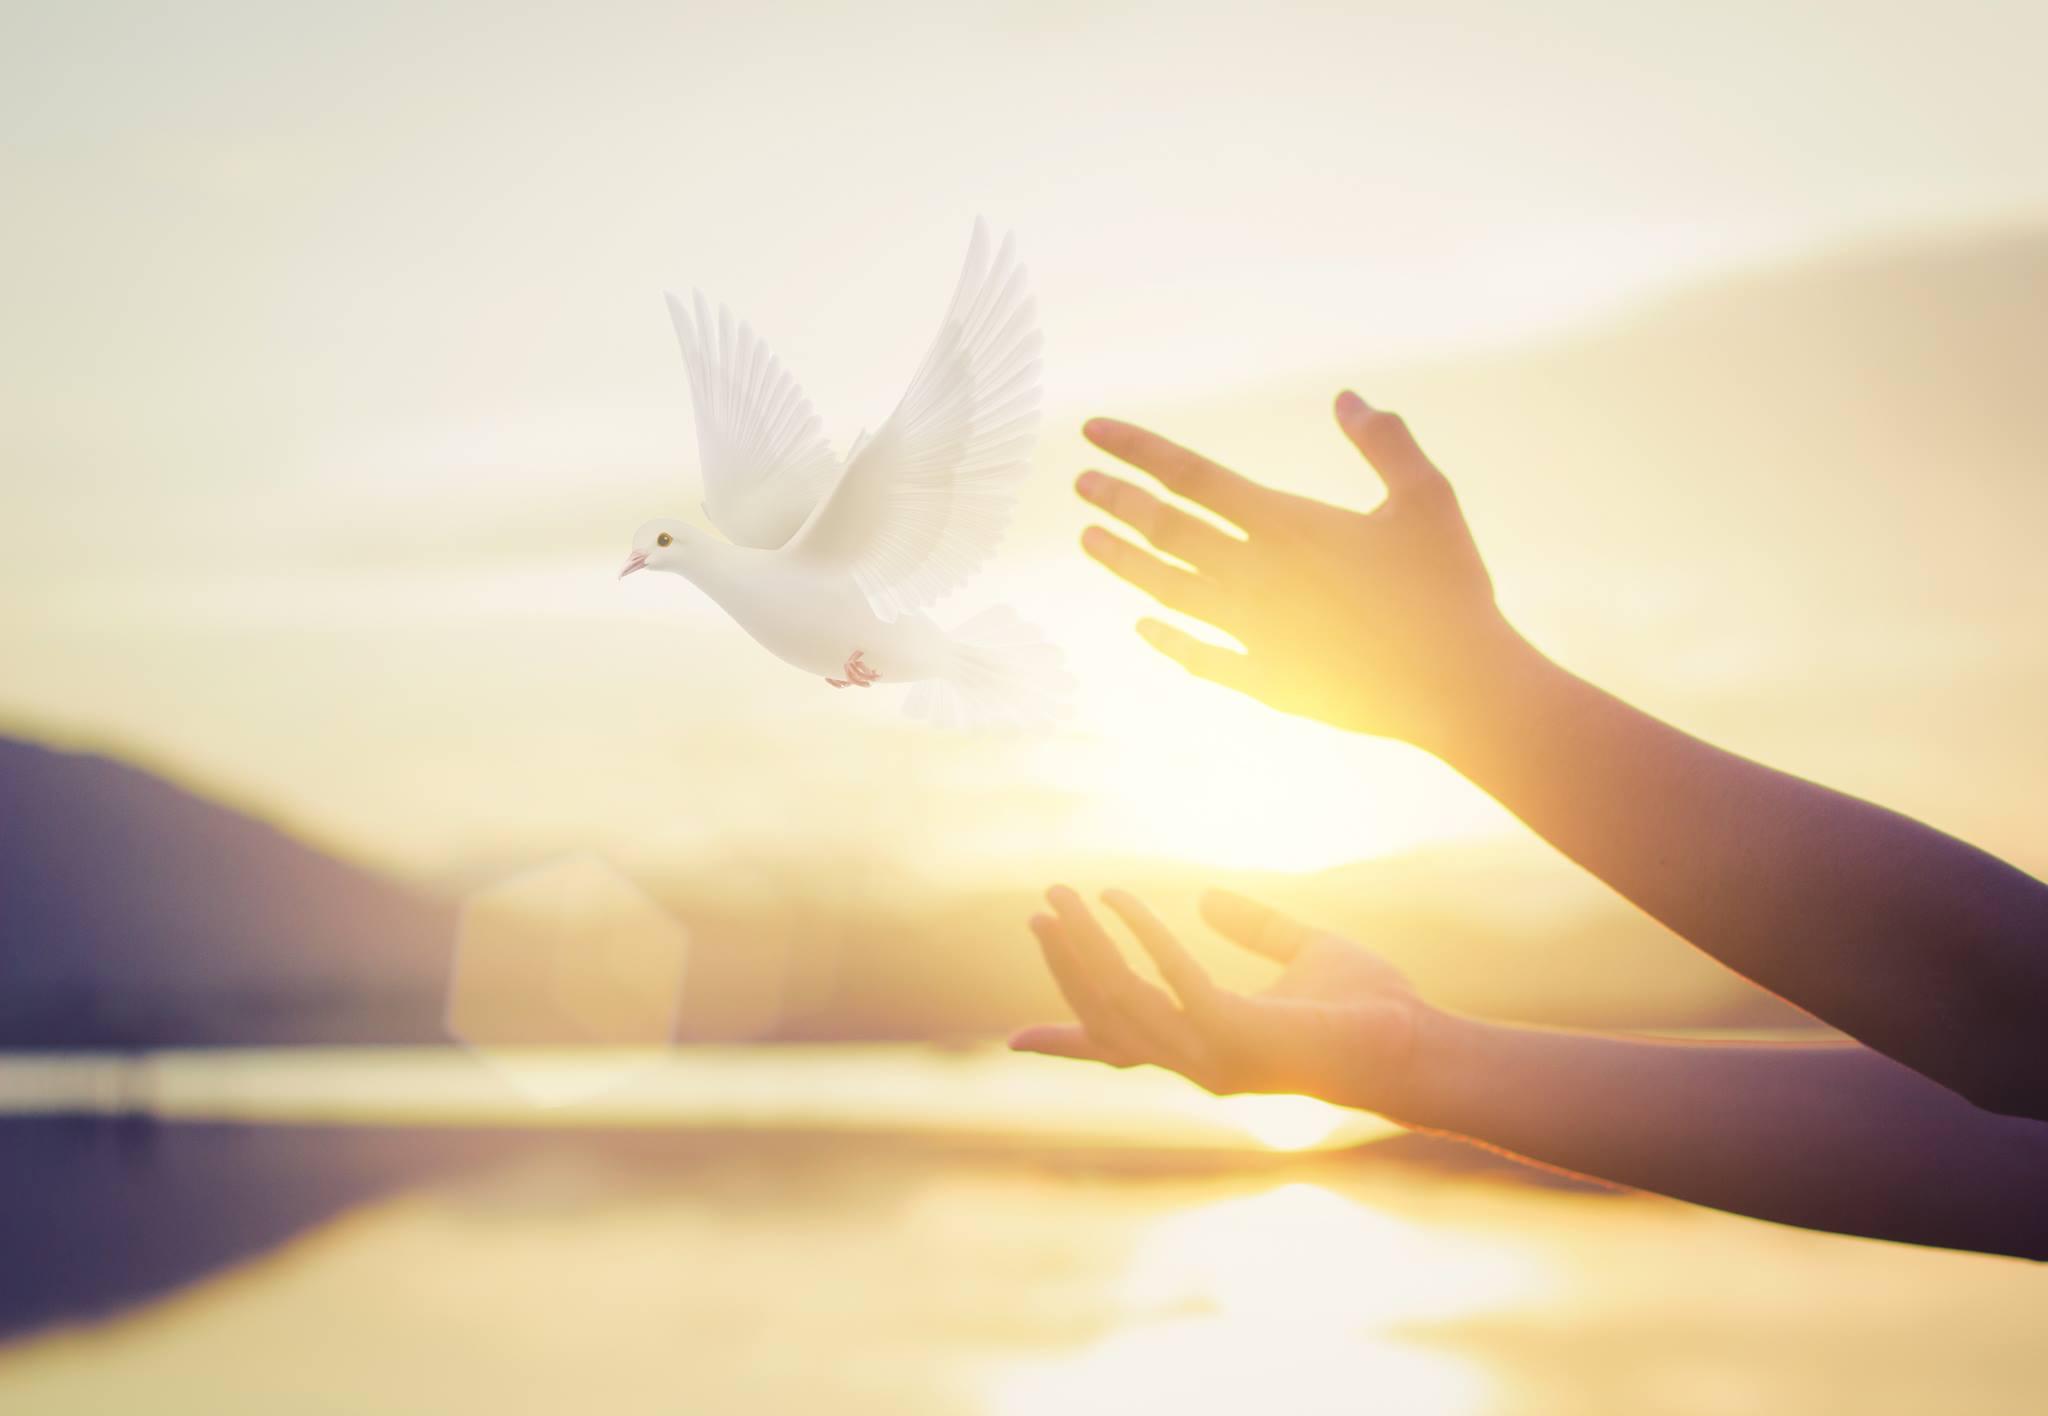 Mõtte muutus muudab kõike! 39 inspireerivat tsitaati vaimu, mõtete ja tunnete kohta